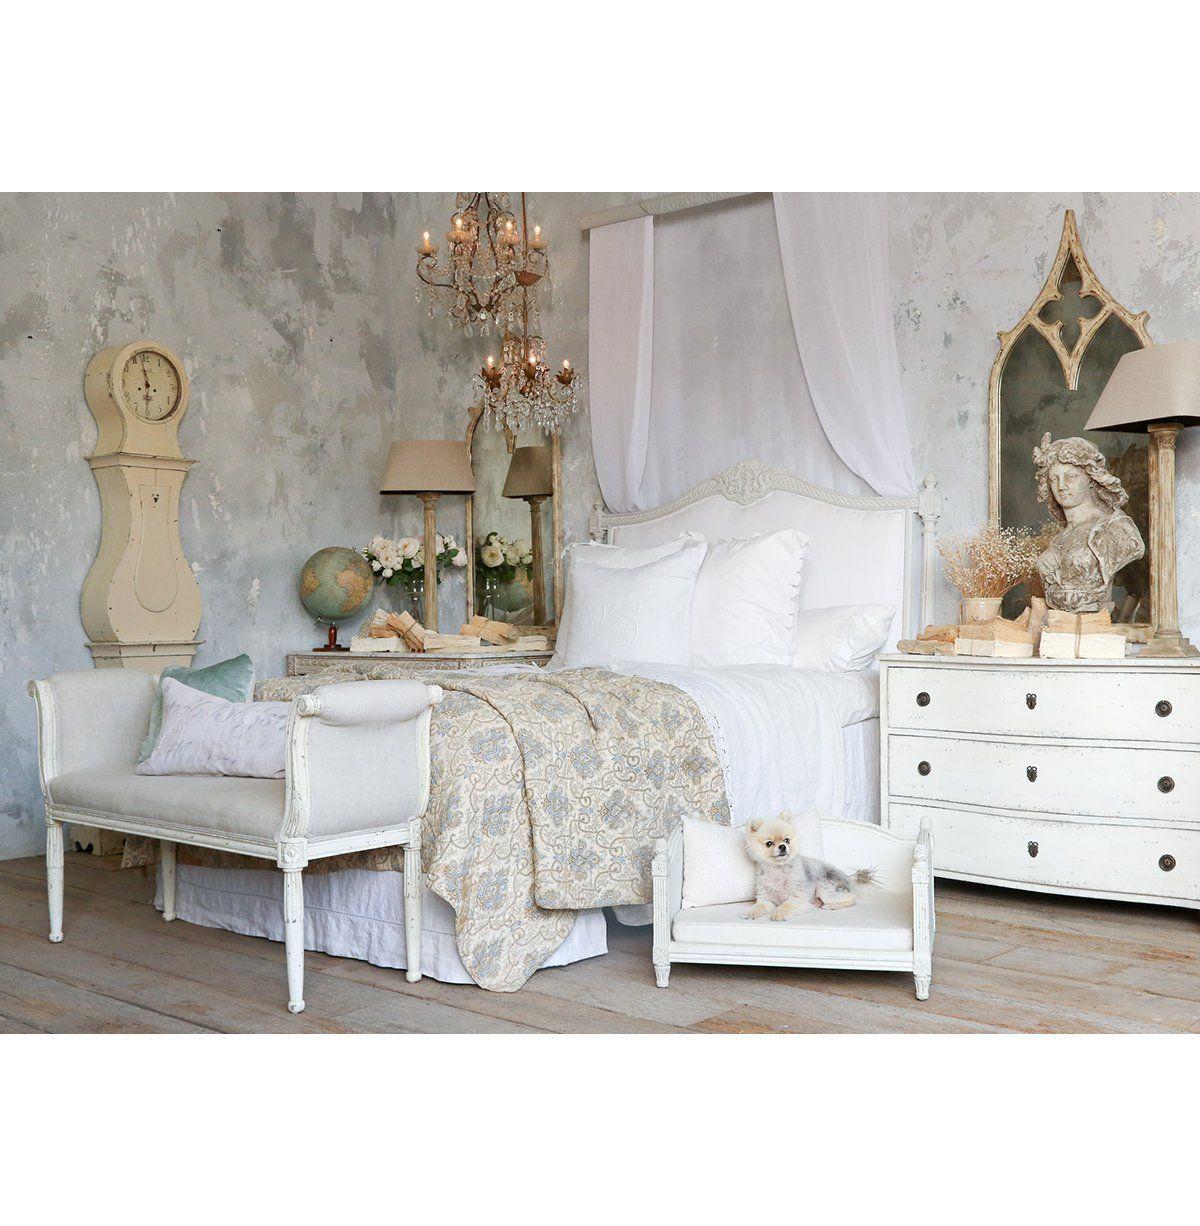 Louis XVI French Country White Cotton